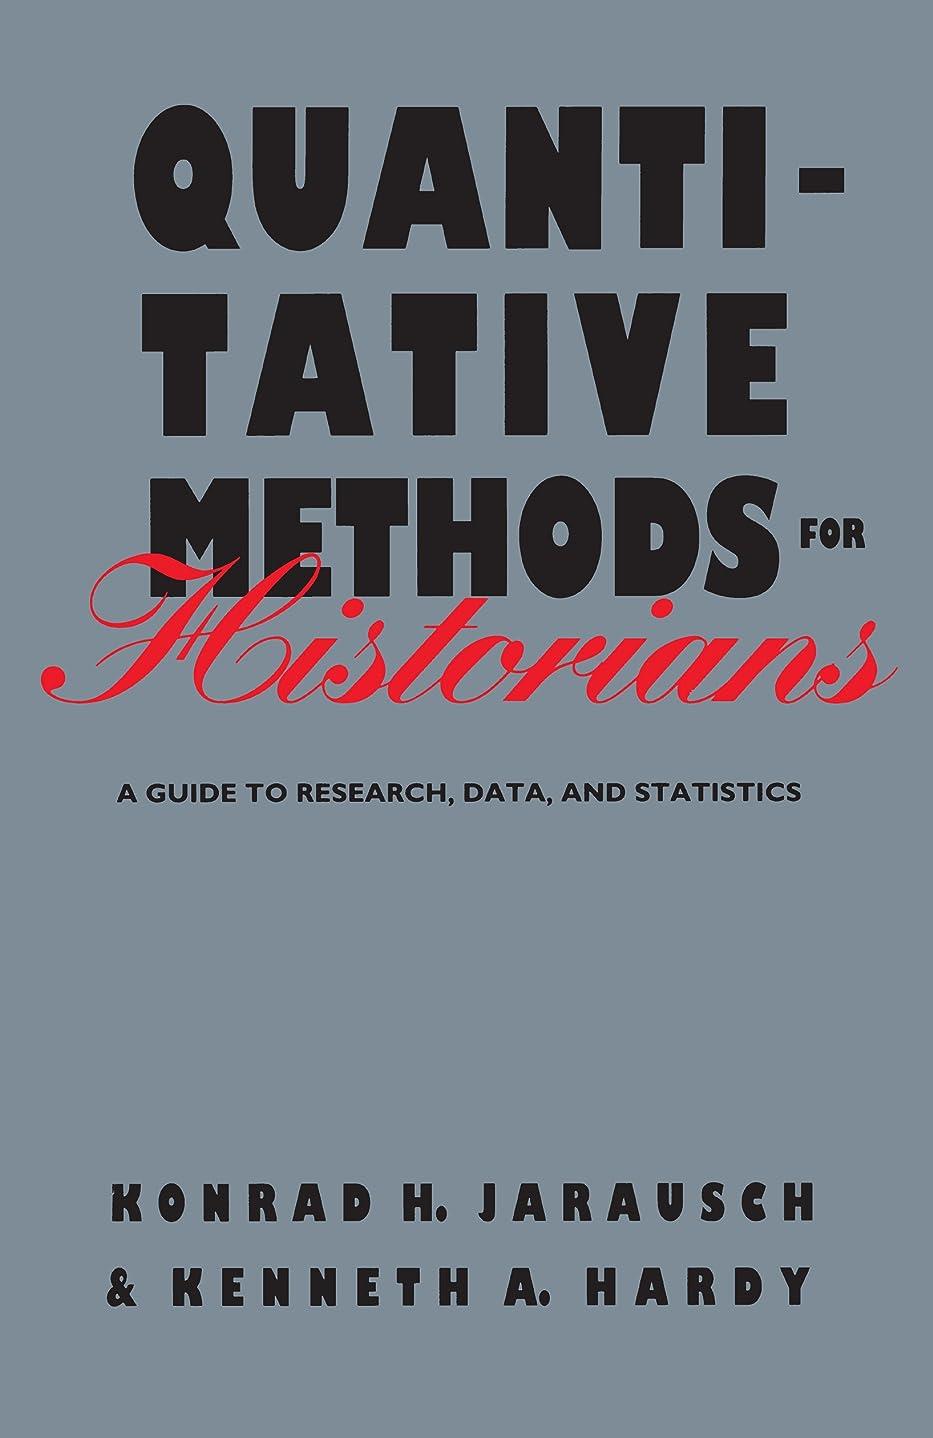 高潔な作曲する苦しめるQuantitative Methods for Historians: A Guide to Research, Data, and Statistics (Baker Library Reference) (English Edition)